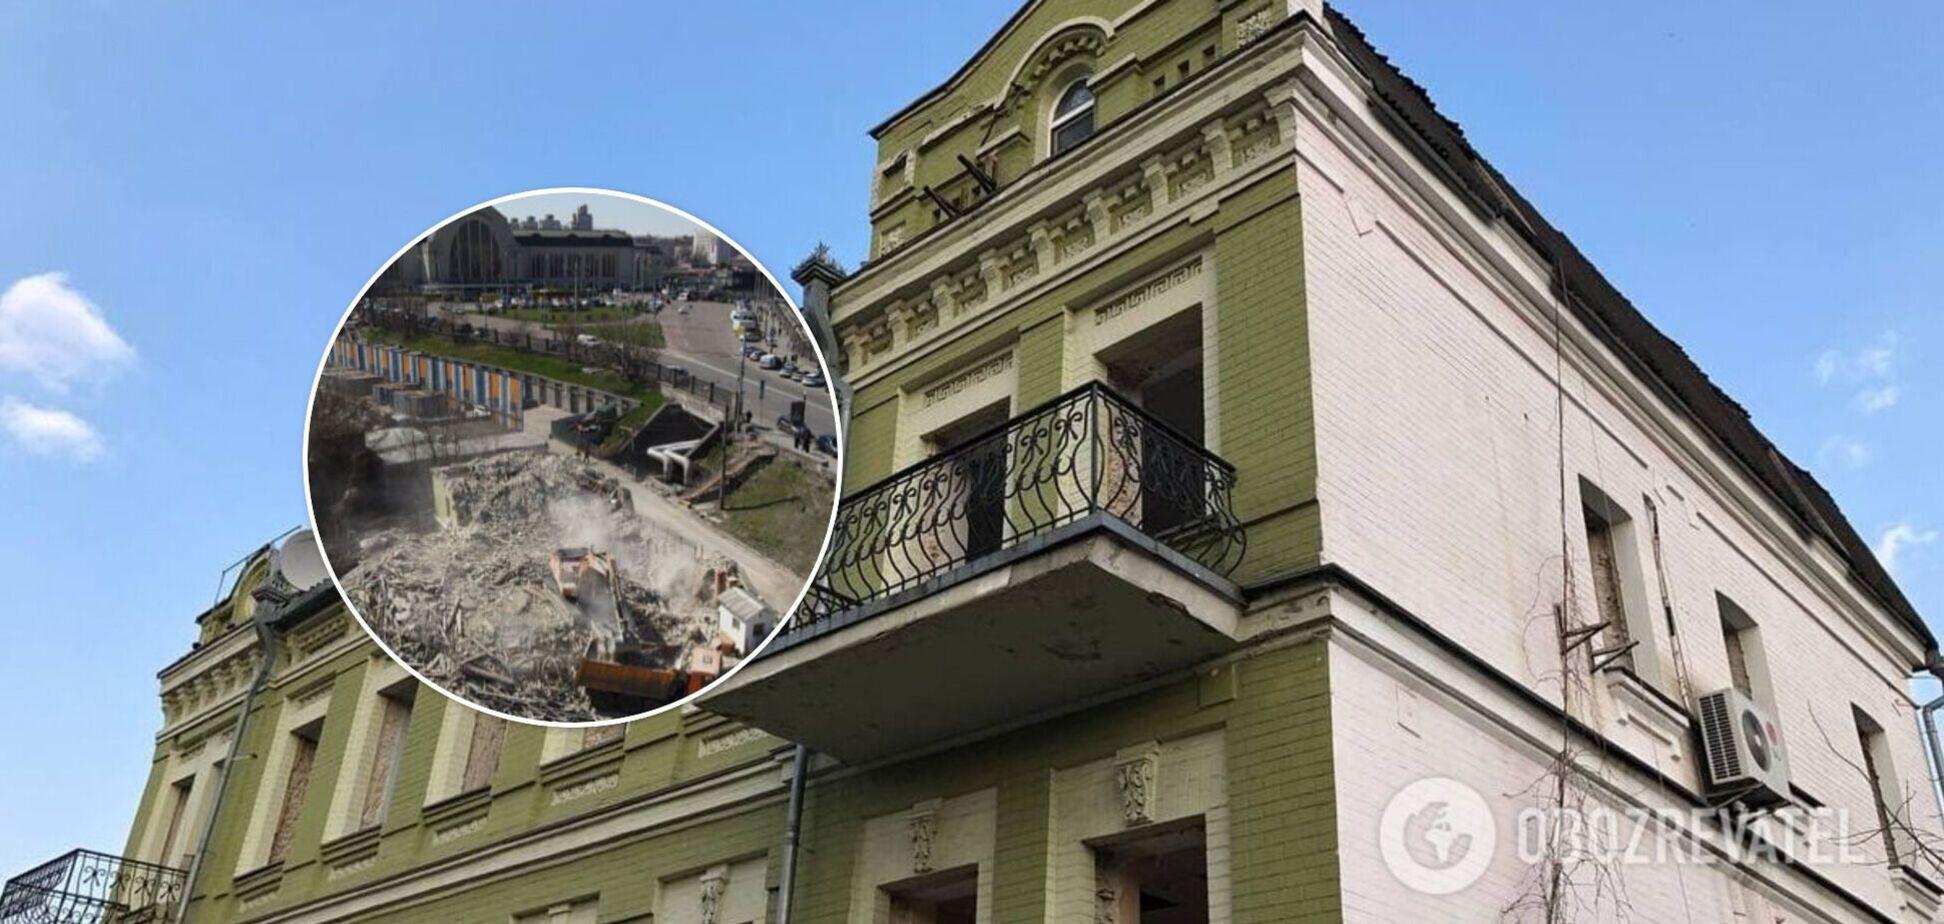 Особняк Уткіна в Києві знищила компанія, яку оформили на 26-річну співачку: хто хоче спорудити хмарочос